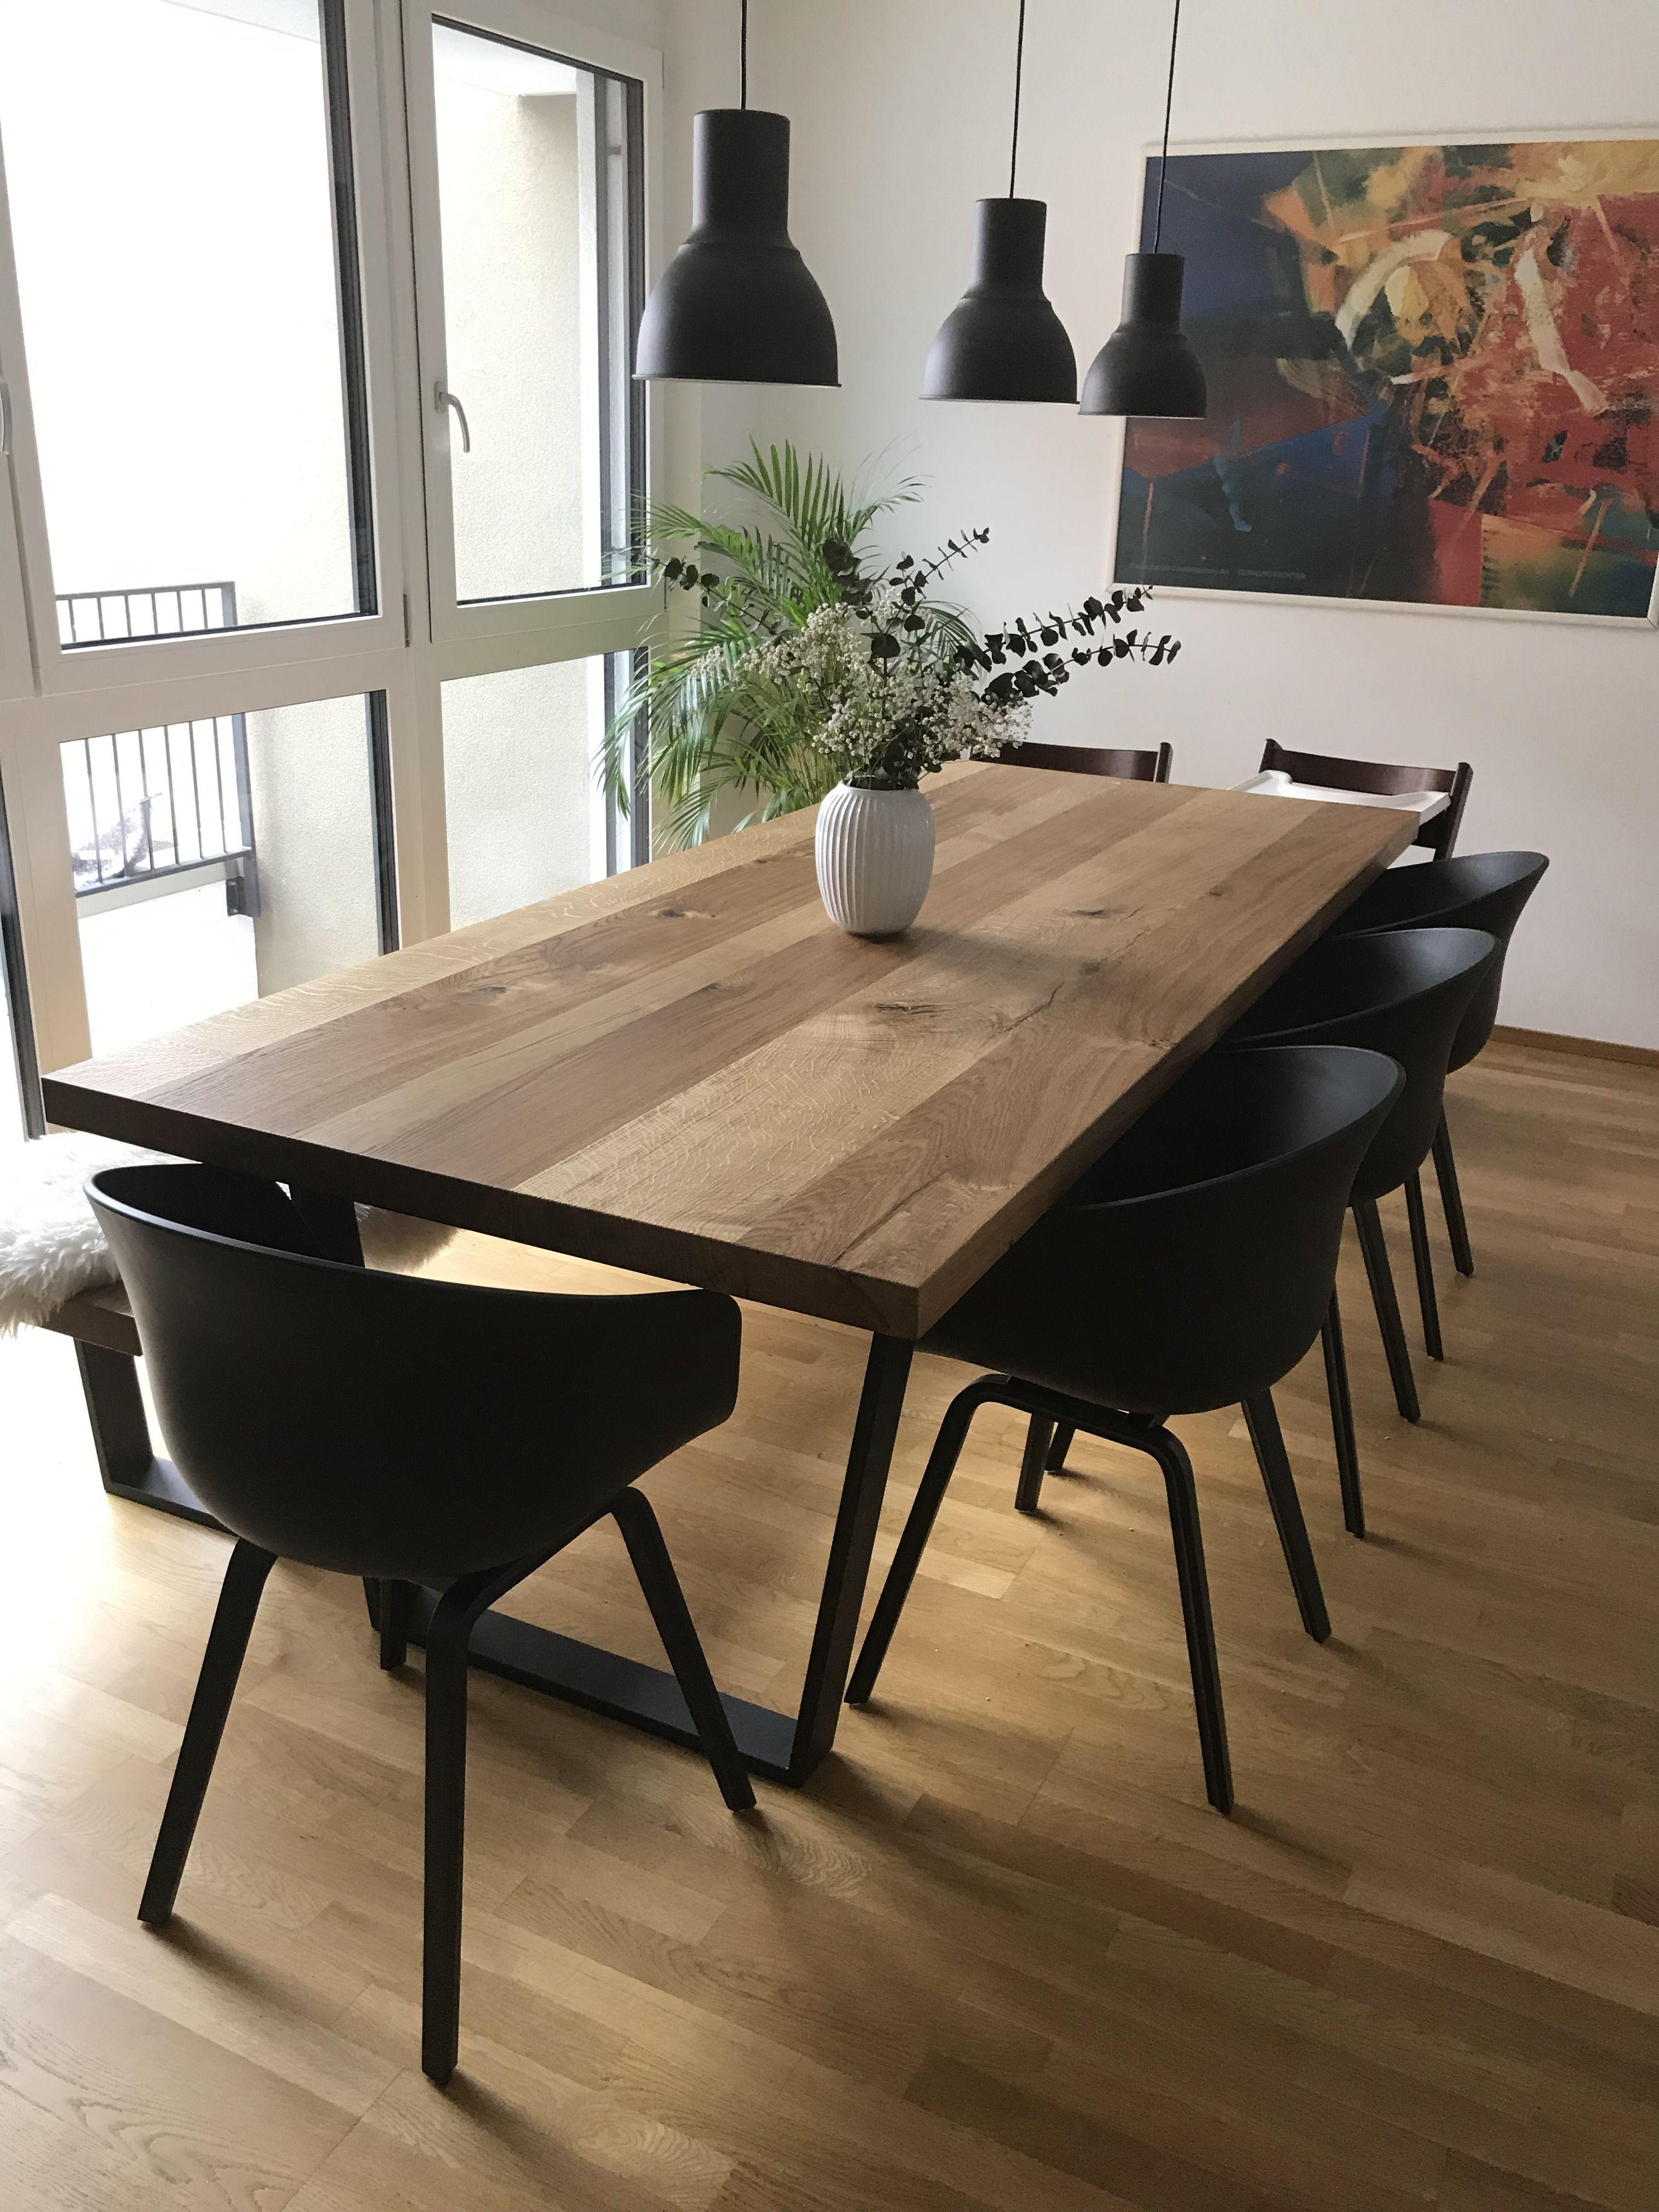 Luiz Martins [43+] Holz Esstisch Stuhl Design